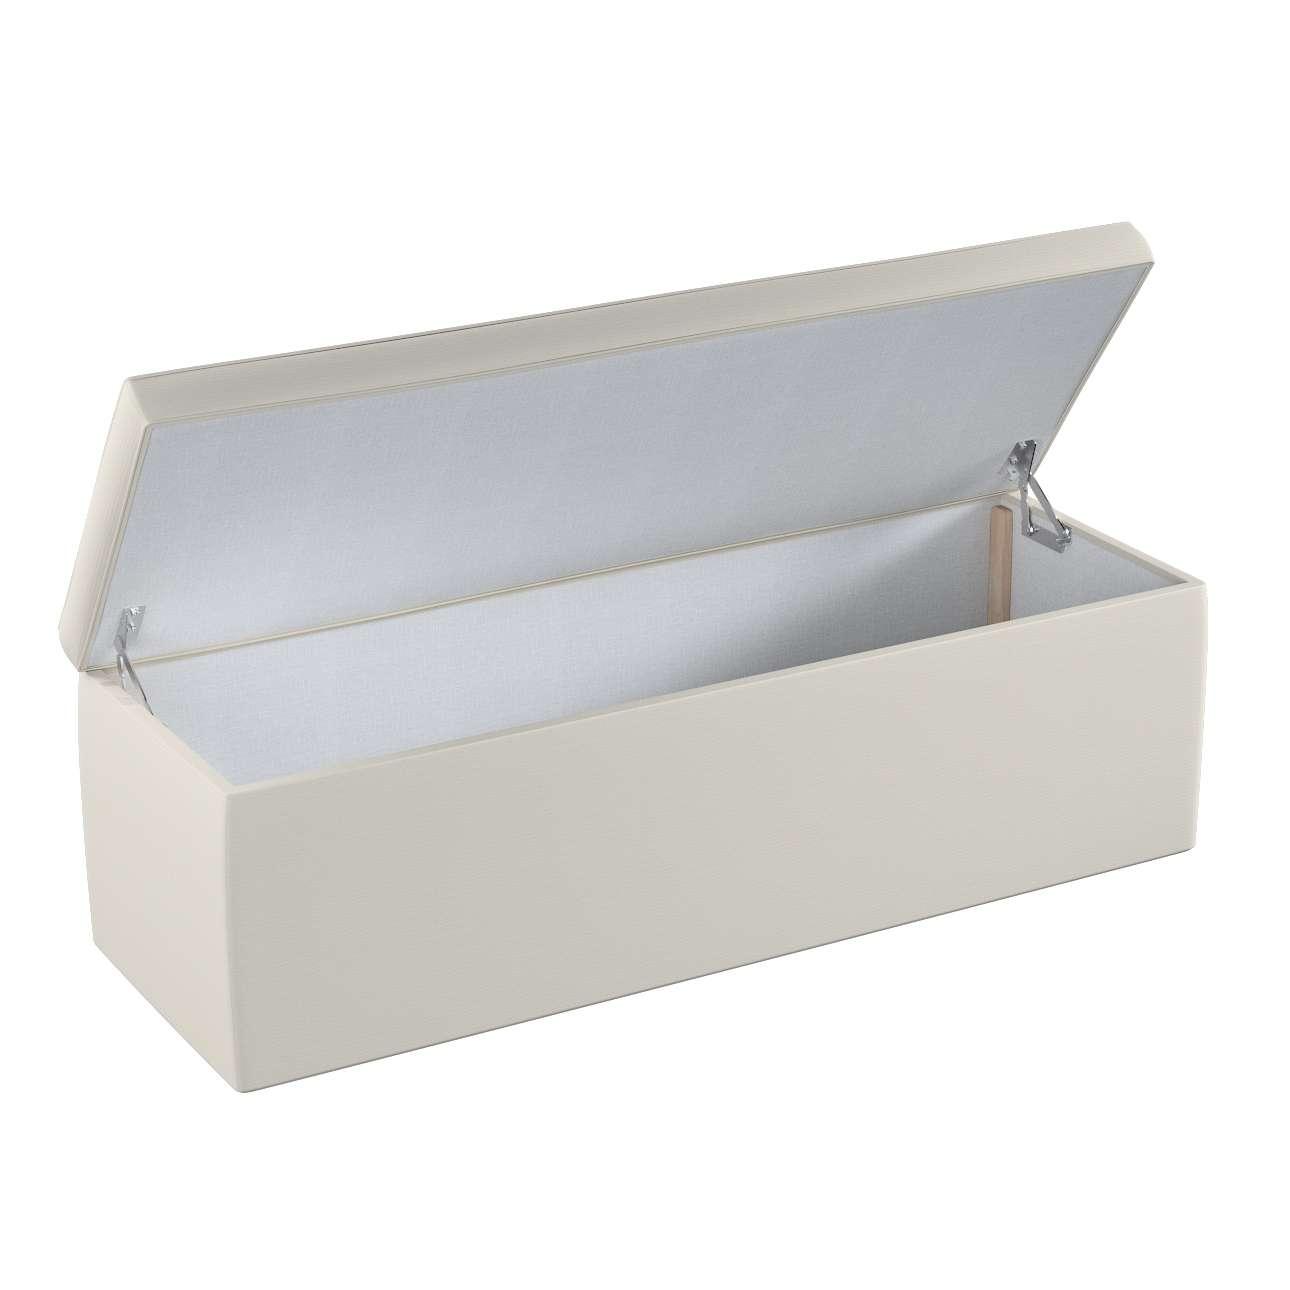 Dežė/skrynia/daiktadėžė kolekcijoje Cotton Panama, audinys: 702-31